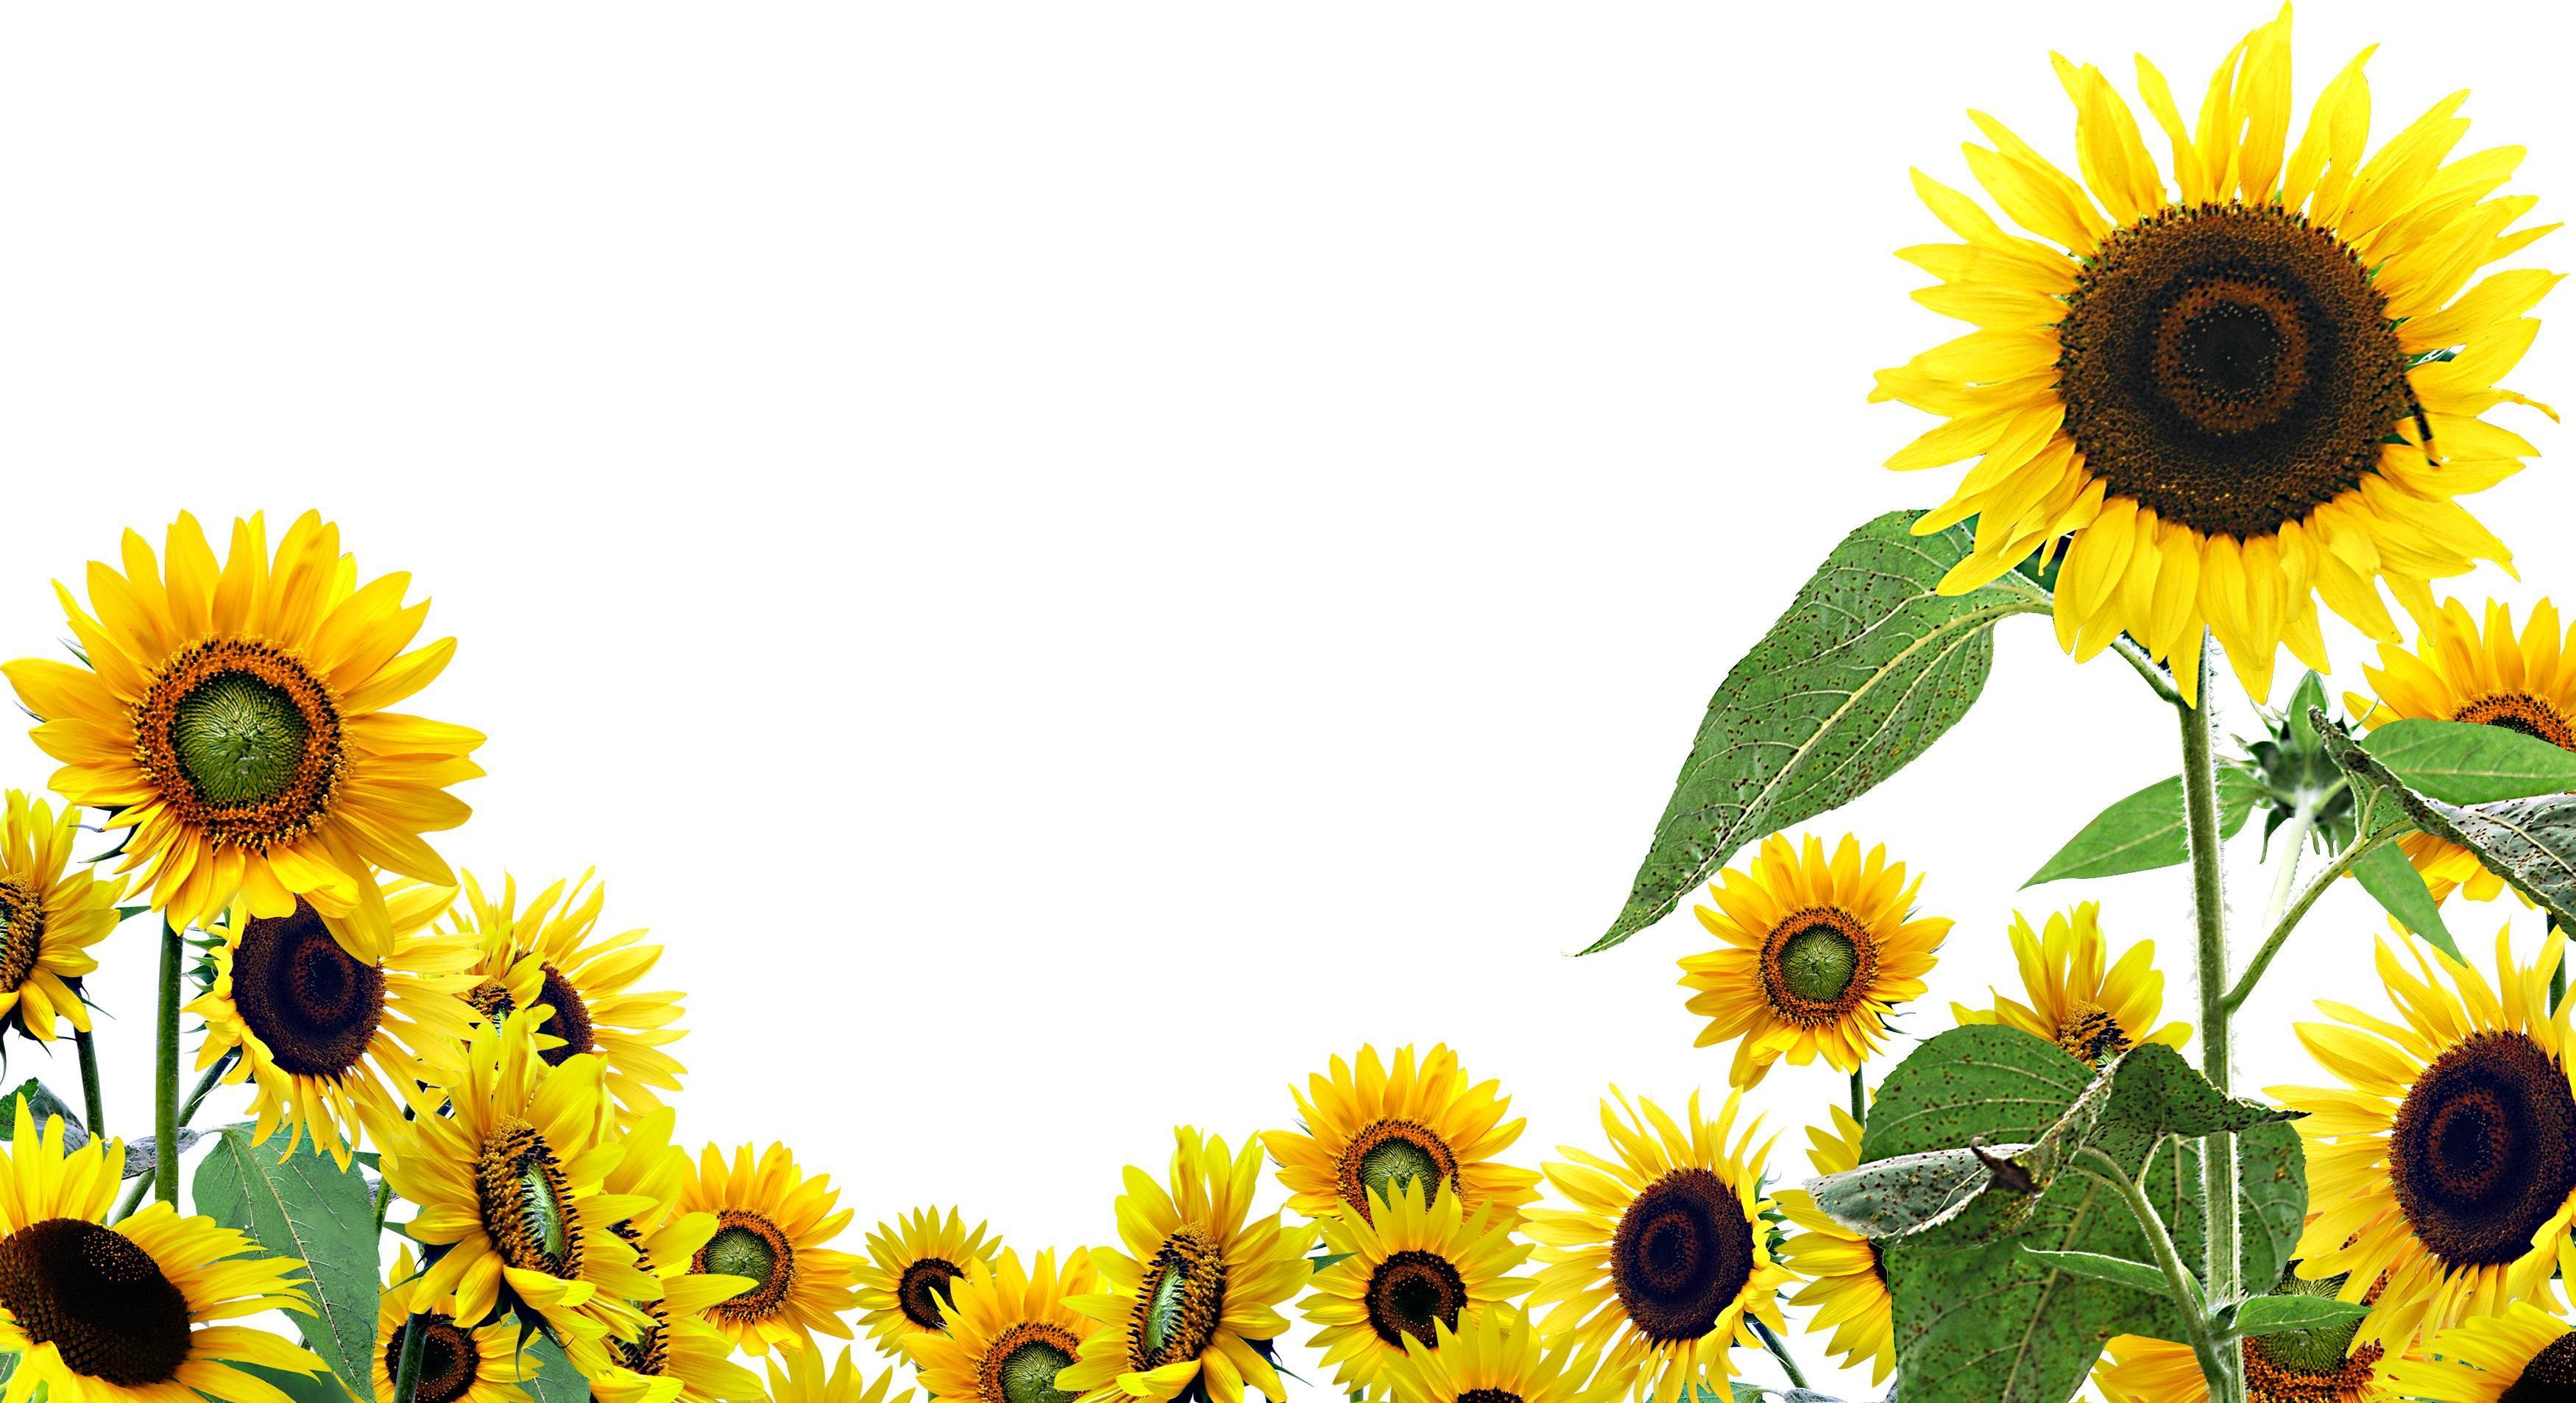 Cartoon Sunflower Wallpapers Top Free Cartoon Sunflower